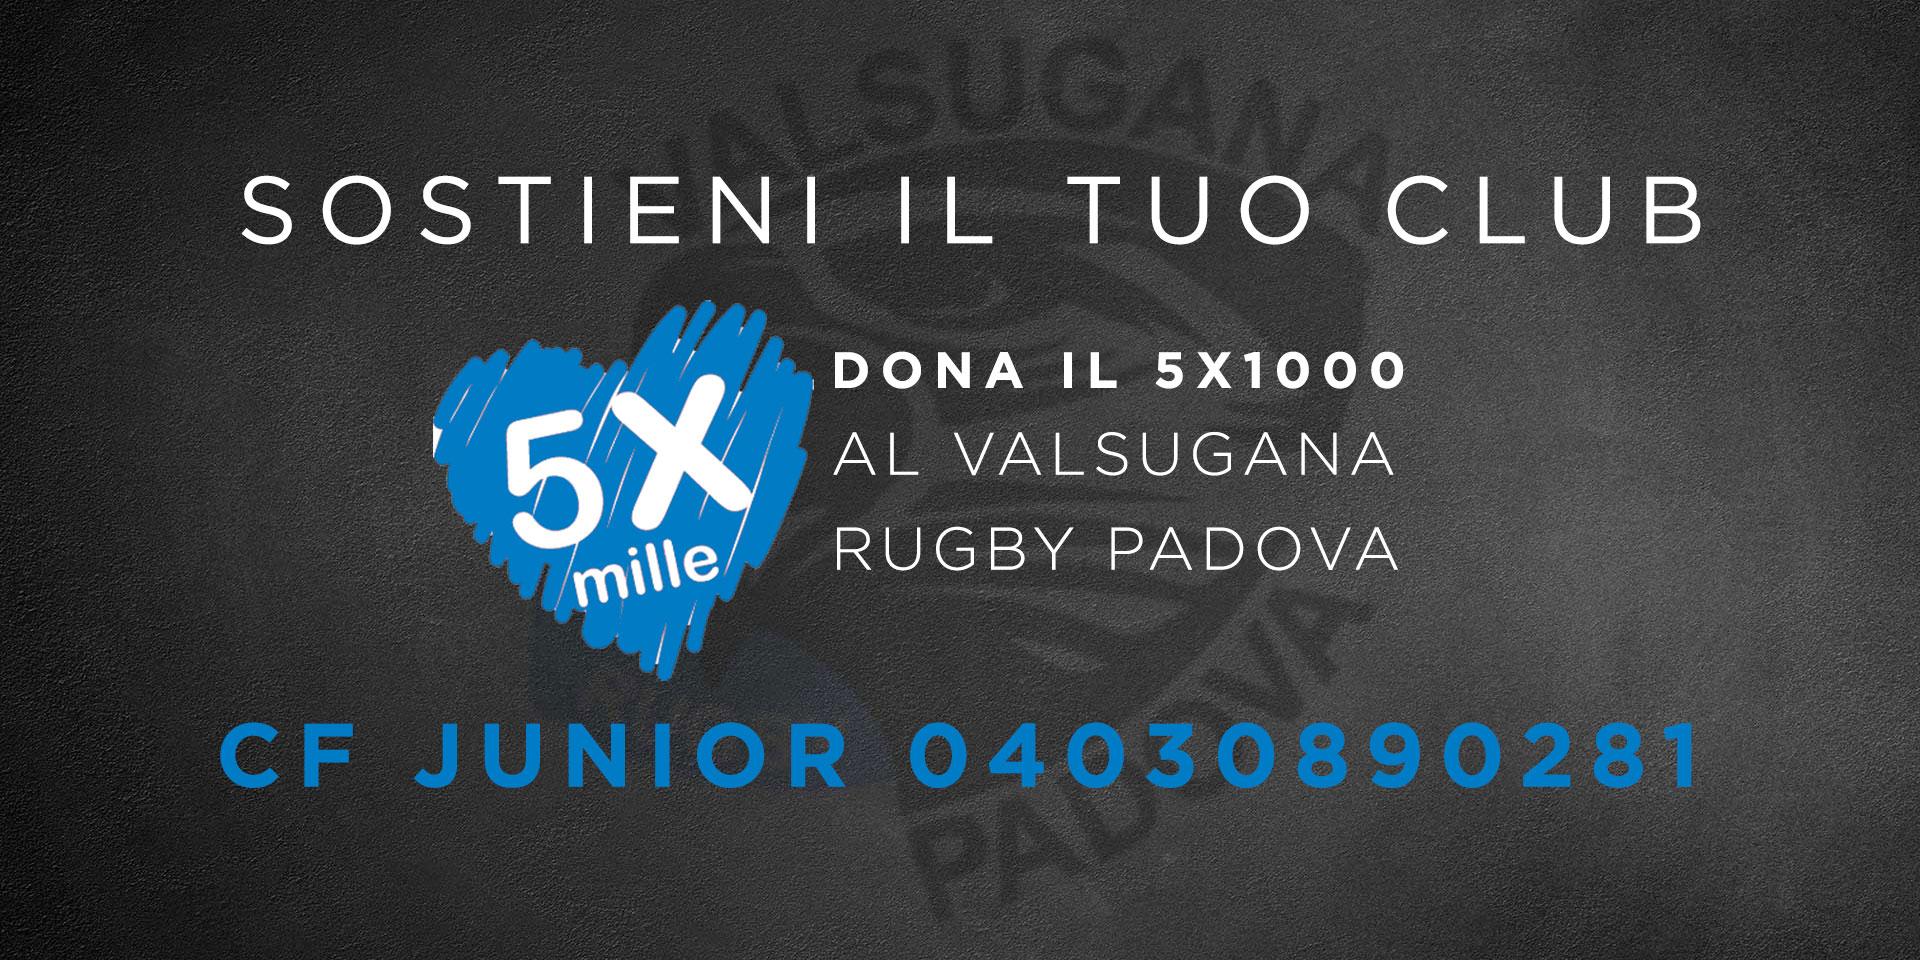 5X1000 a favore del Valsugana Rugby Padova